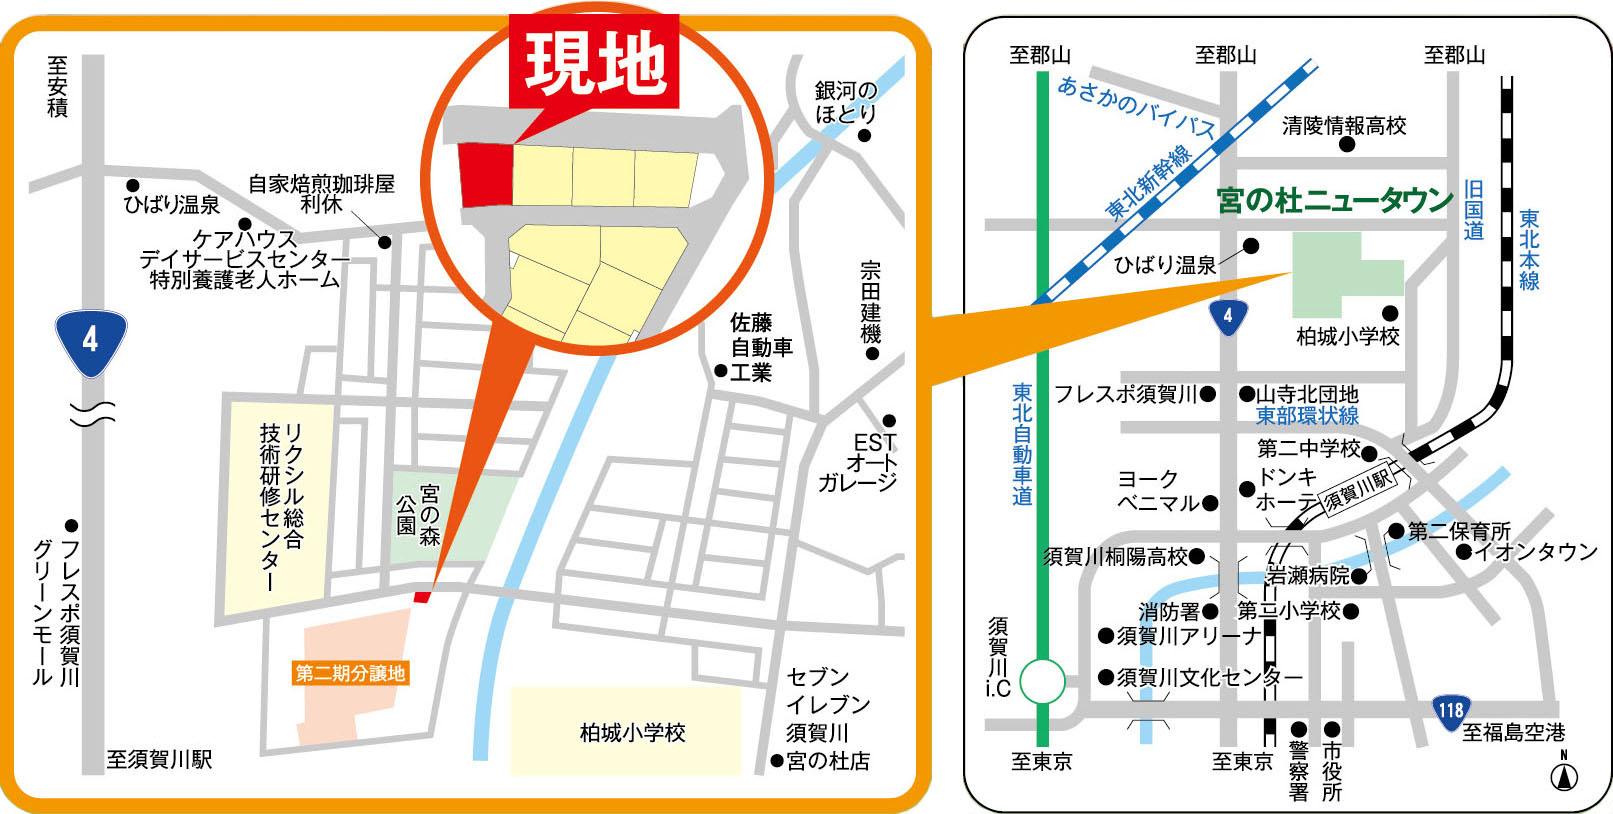 須賀川 市 コロナ